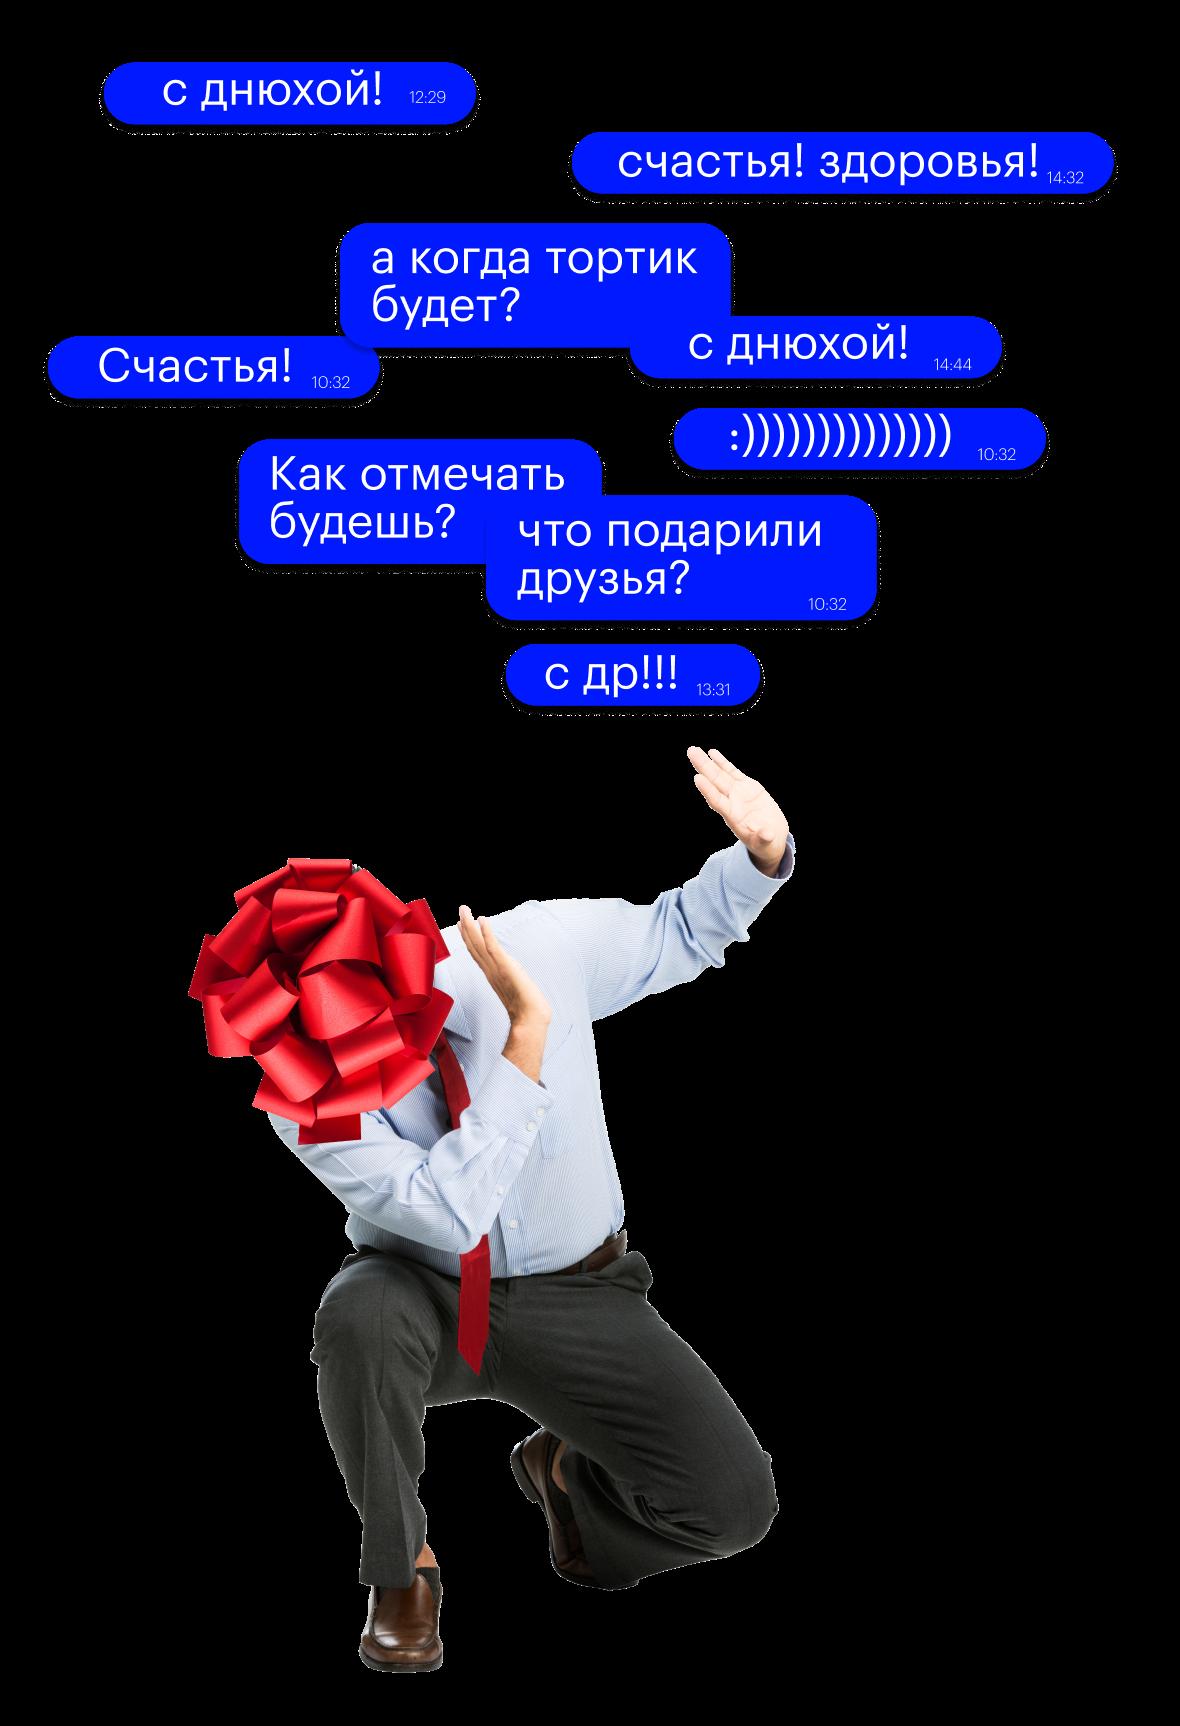 Расходы на поздравление сотрудника